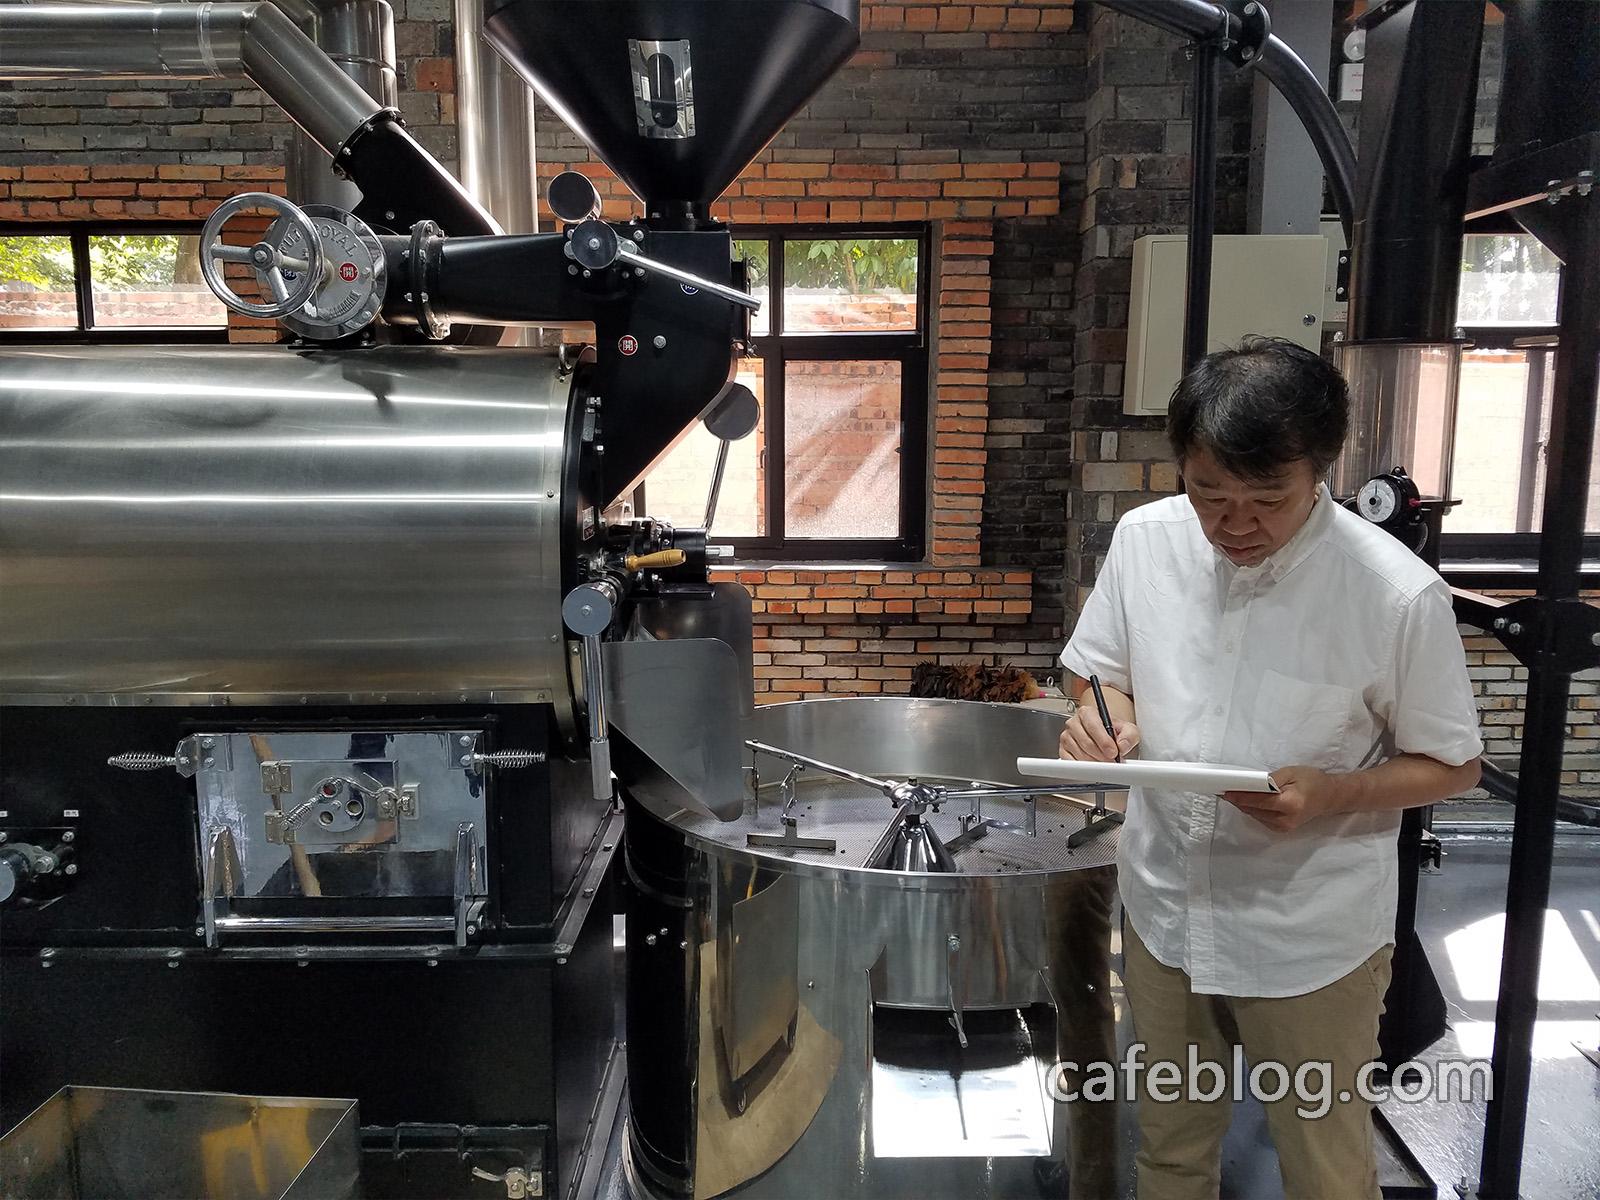 日本富士皇家专职烘焙老师浅野嘉之记录和分析烘焙数据